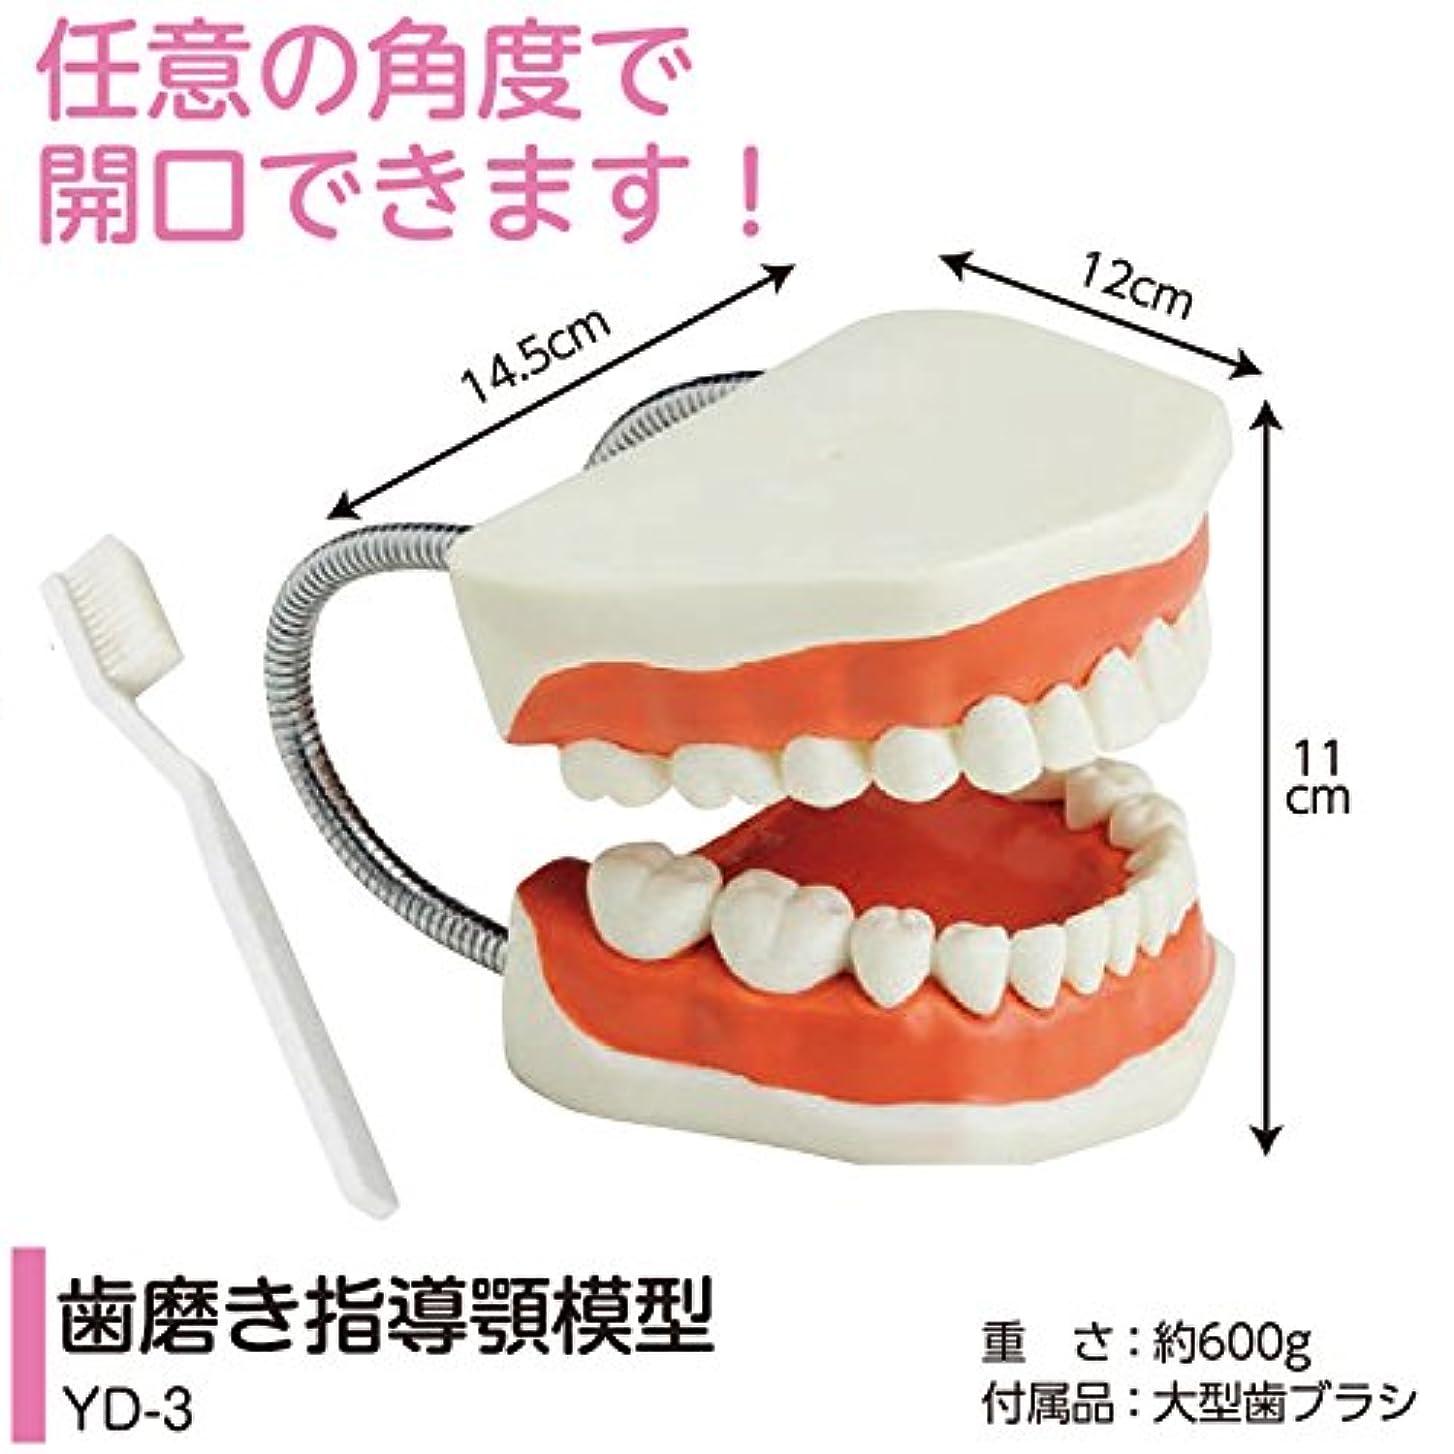 歴史回復インシデント歯磨き指導用 顎模型 YD-3(歯ブラシ付) 軽くて持ちやすい歯みがき指導顎模型